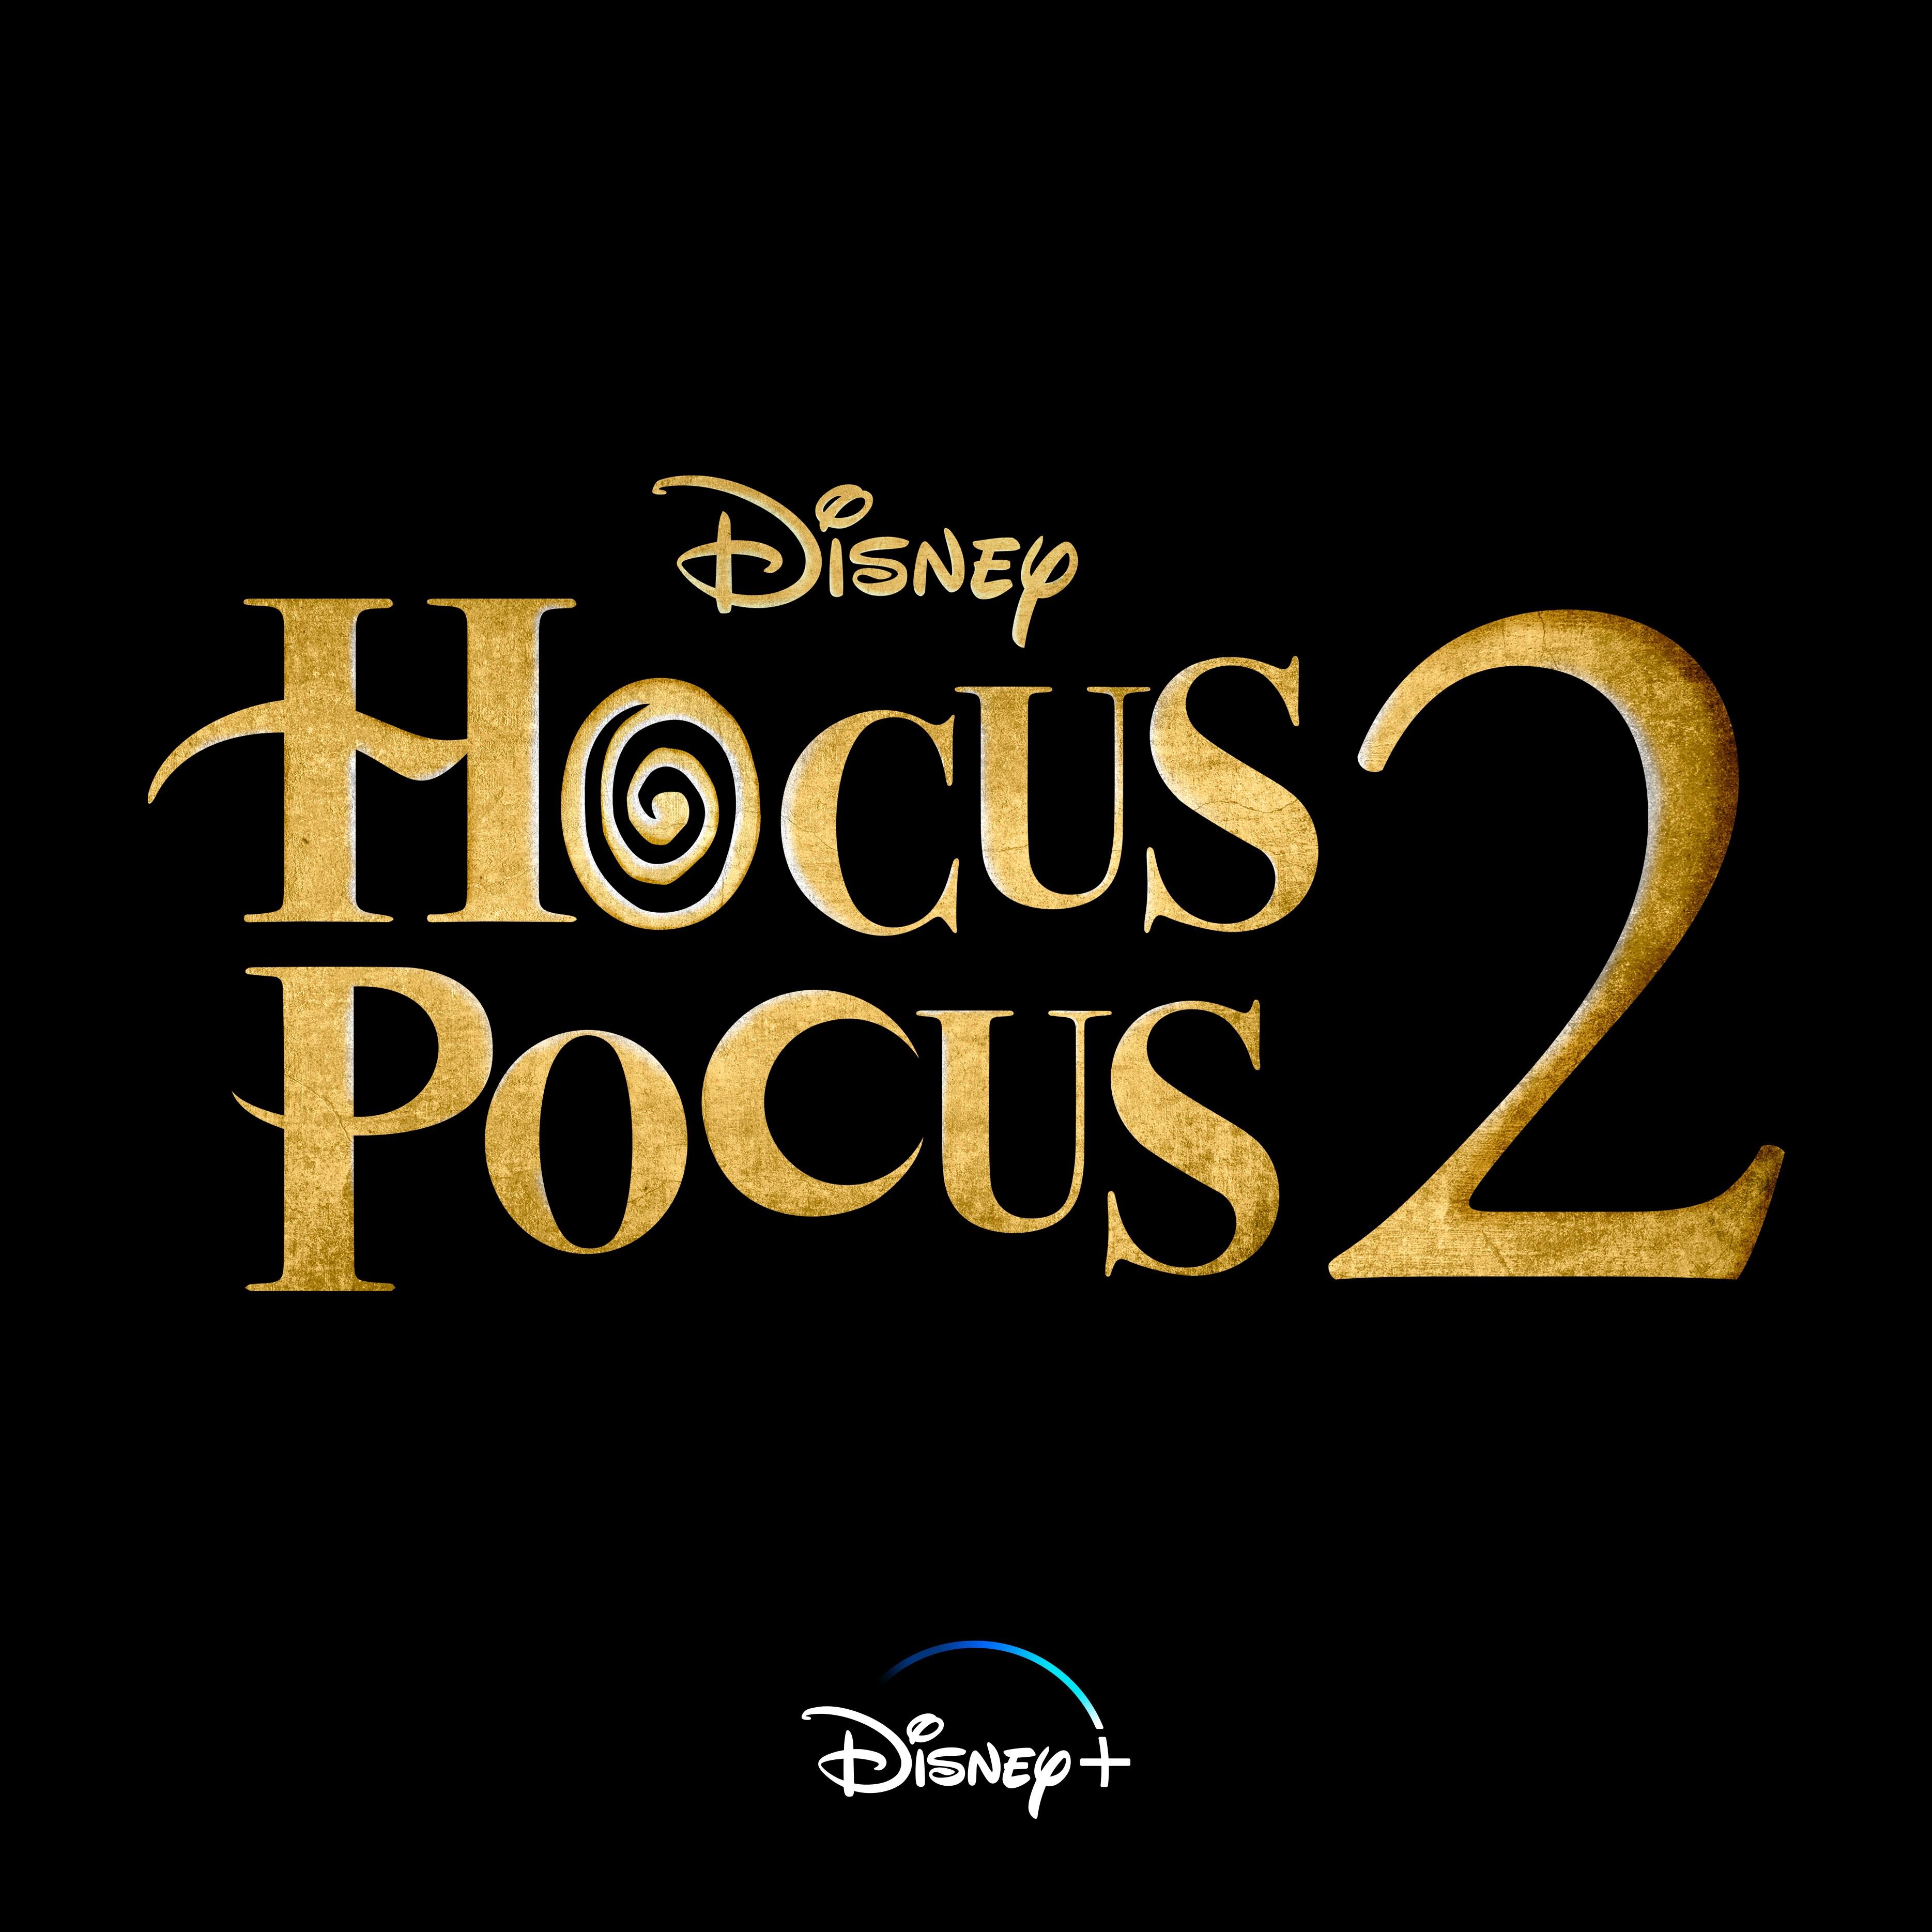 Hocus Pocus 2 Title Treatment